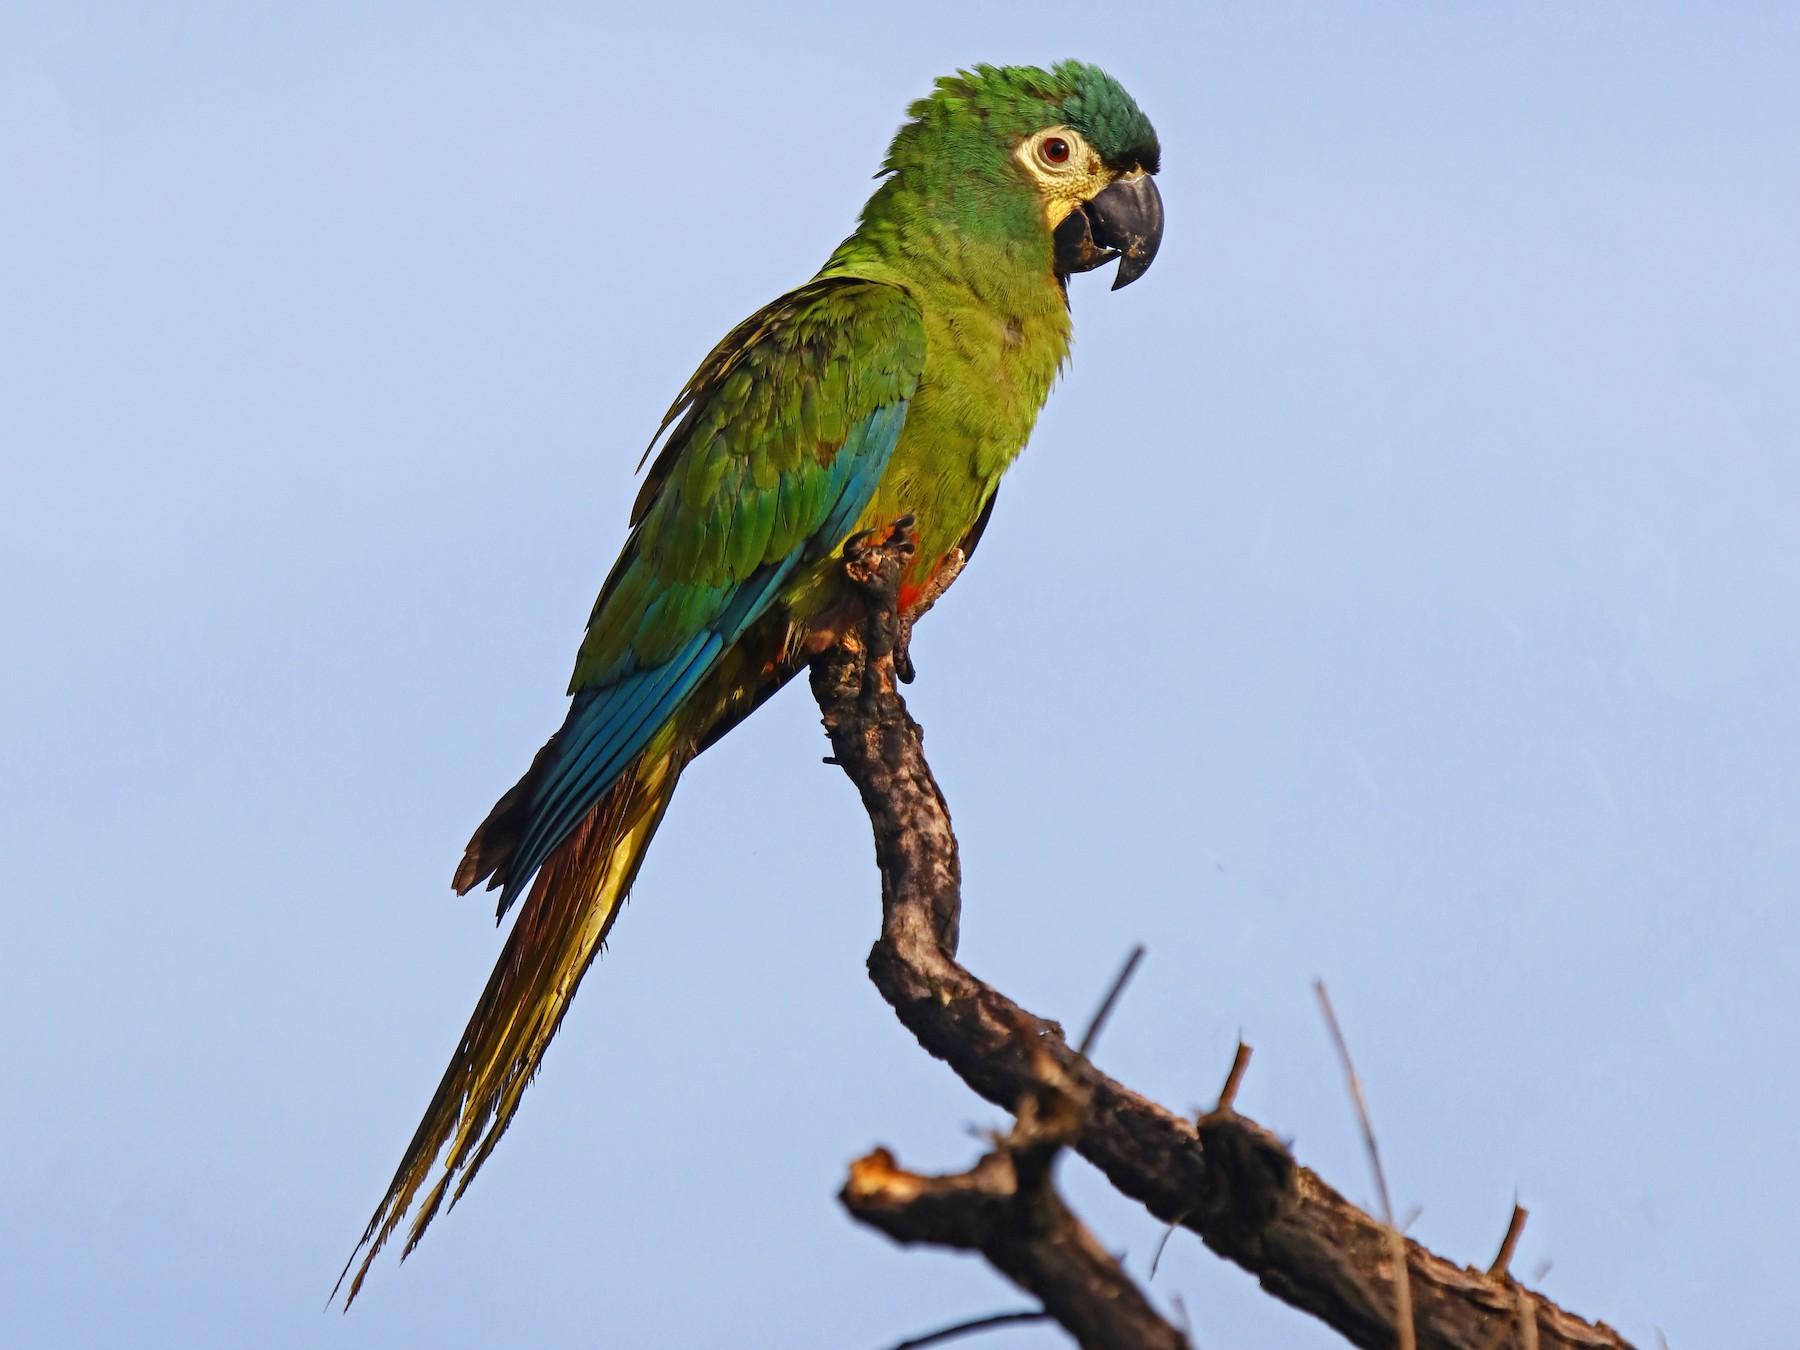 Blue-winged Macaw - Carmen Lúcia Bays Figueiredo